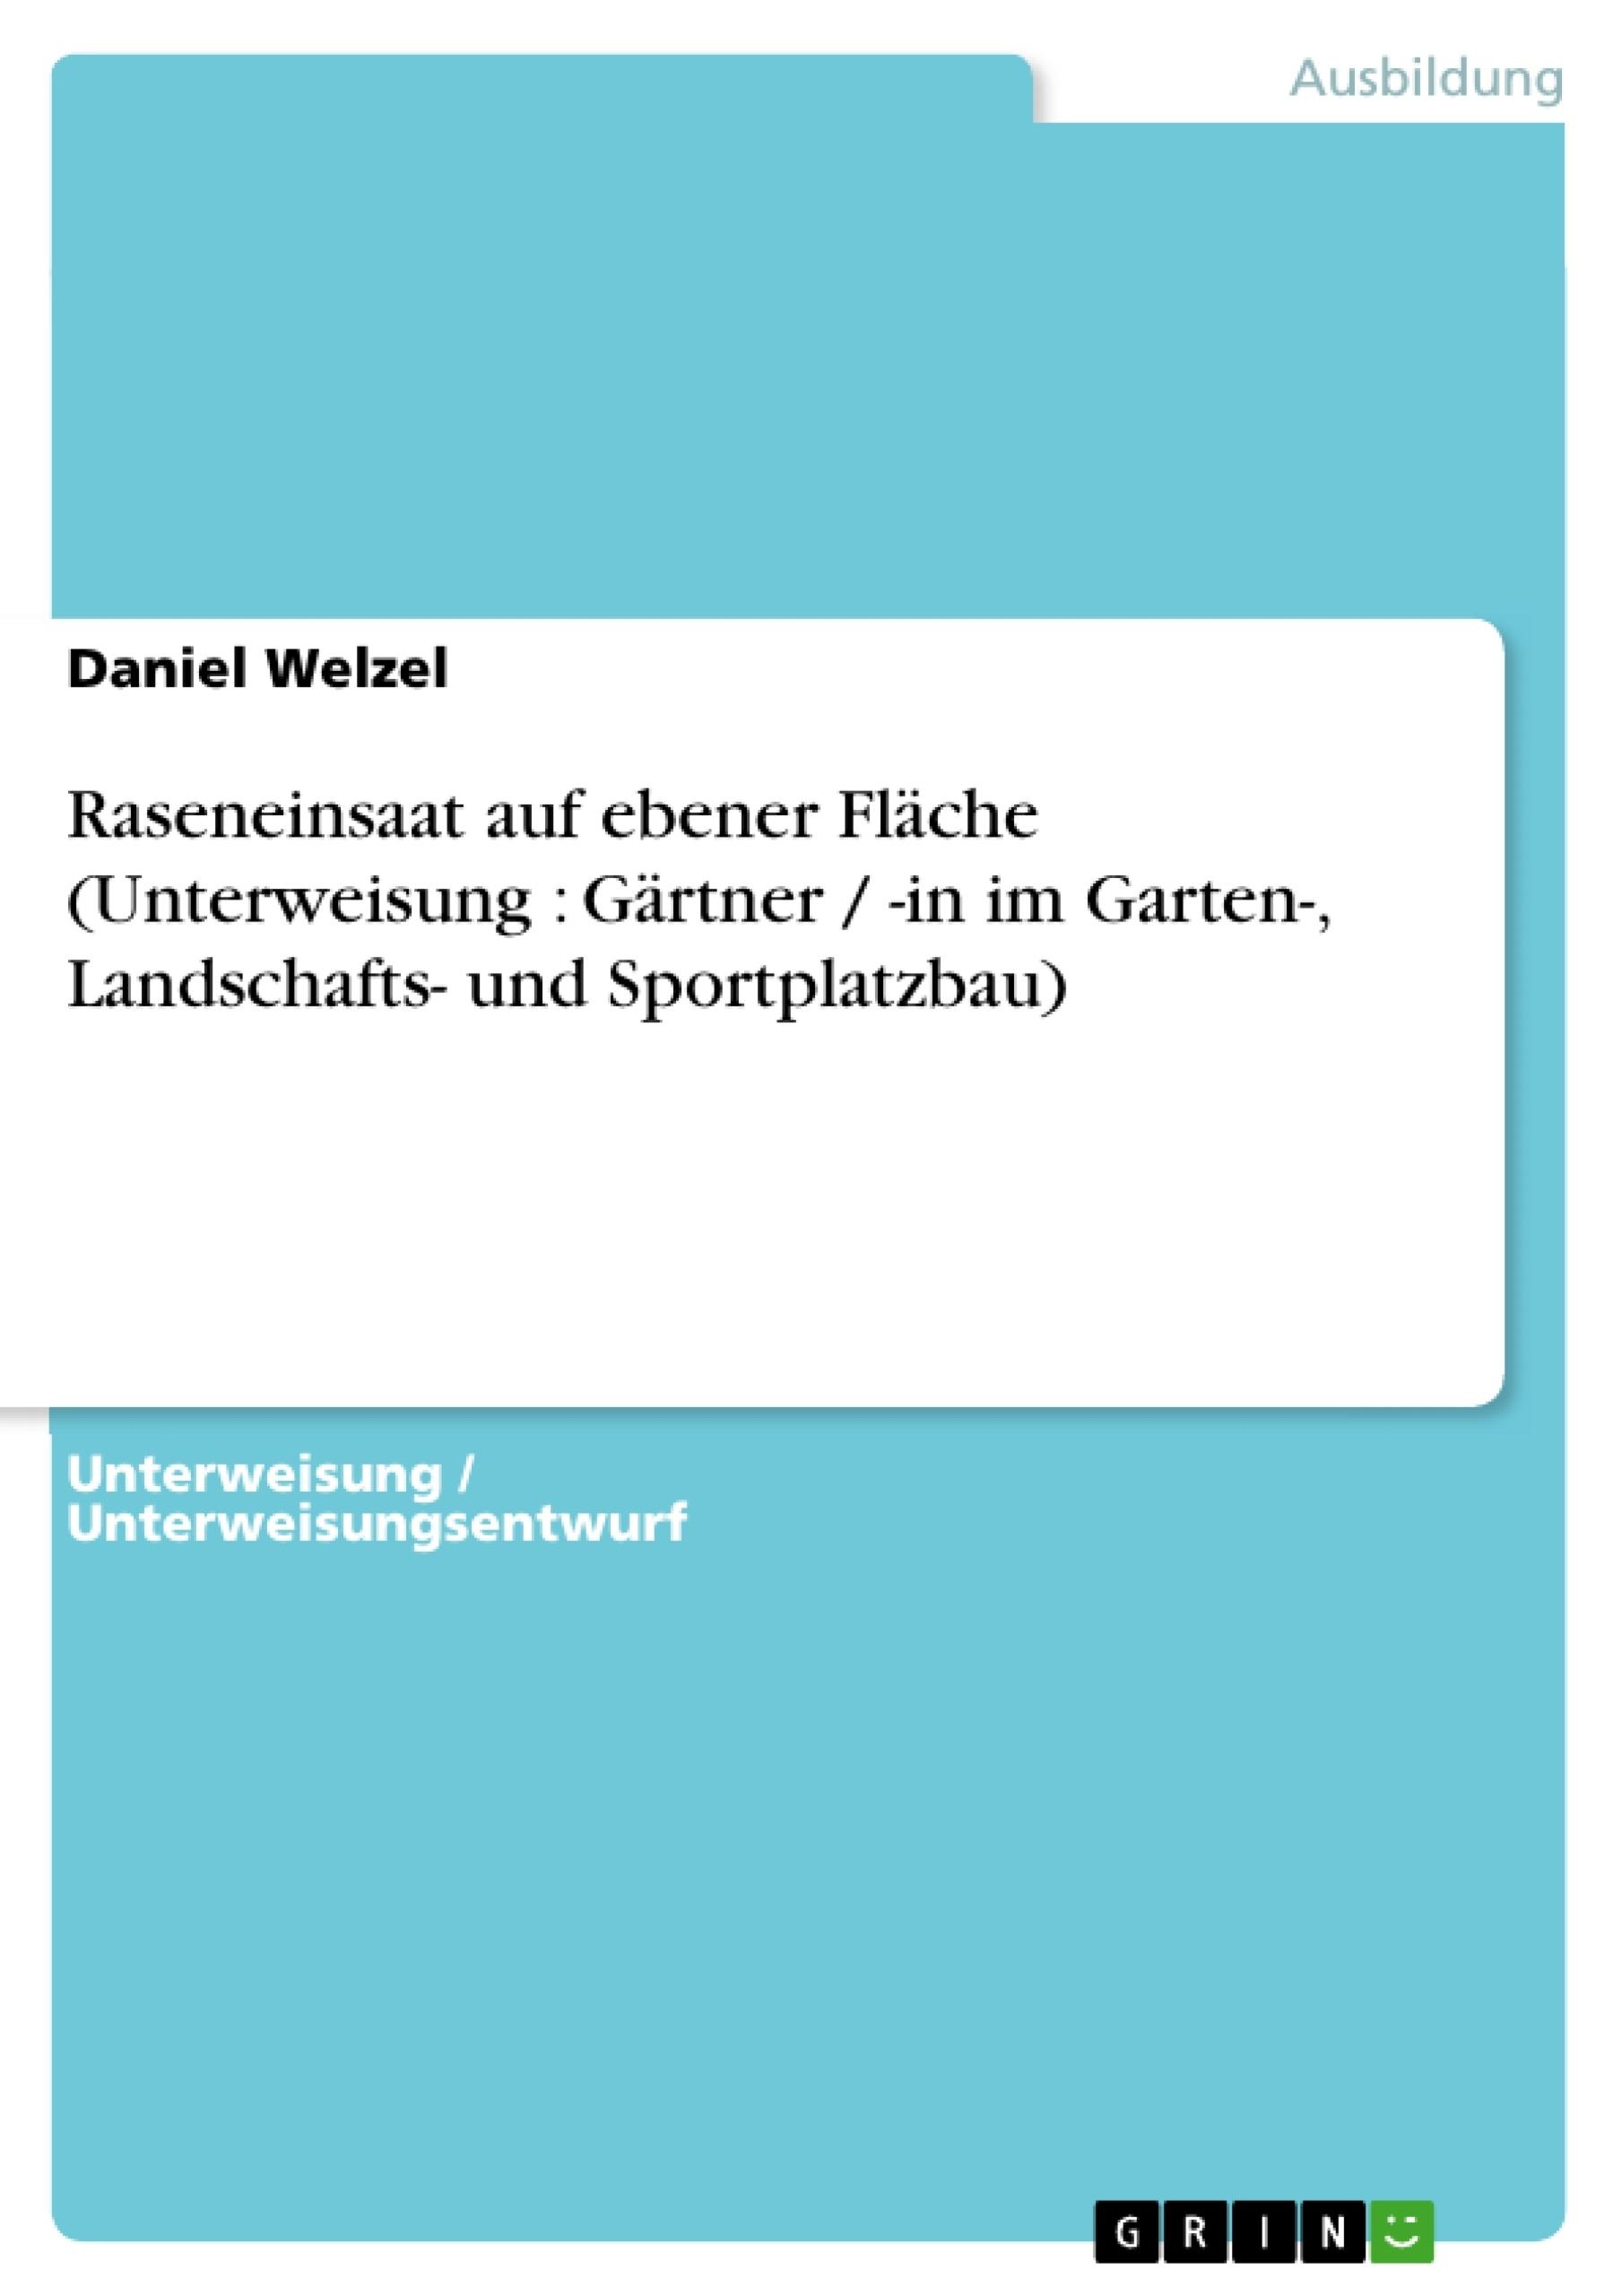 Titel: Raseneinsaat auf ebener Fläche (Unterweisung : Gärtner / -in im Garten-, Landschafts- und Sportplatzbau)